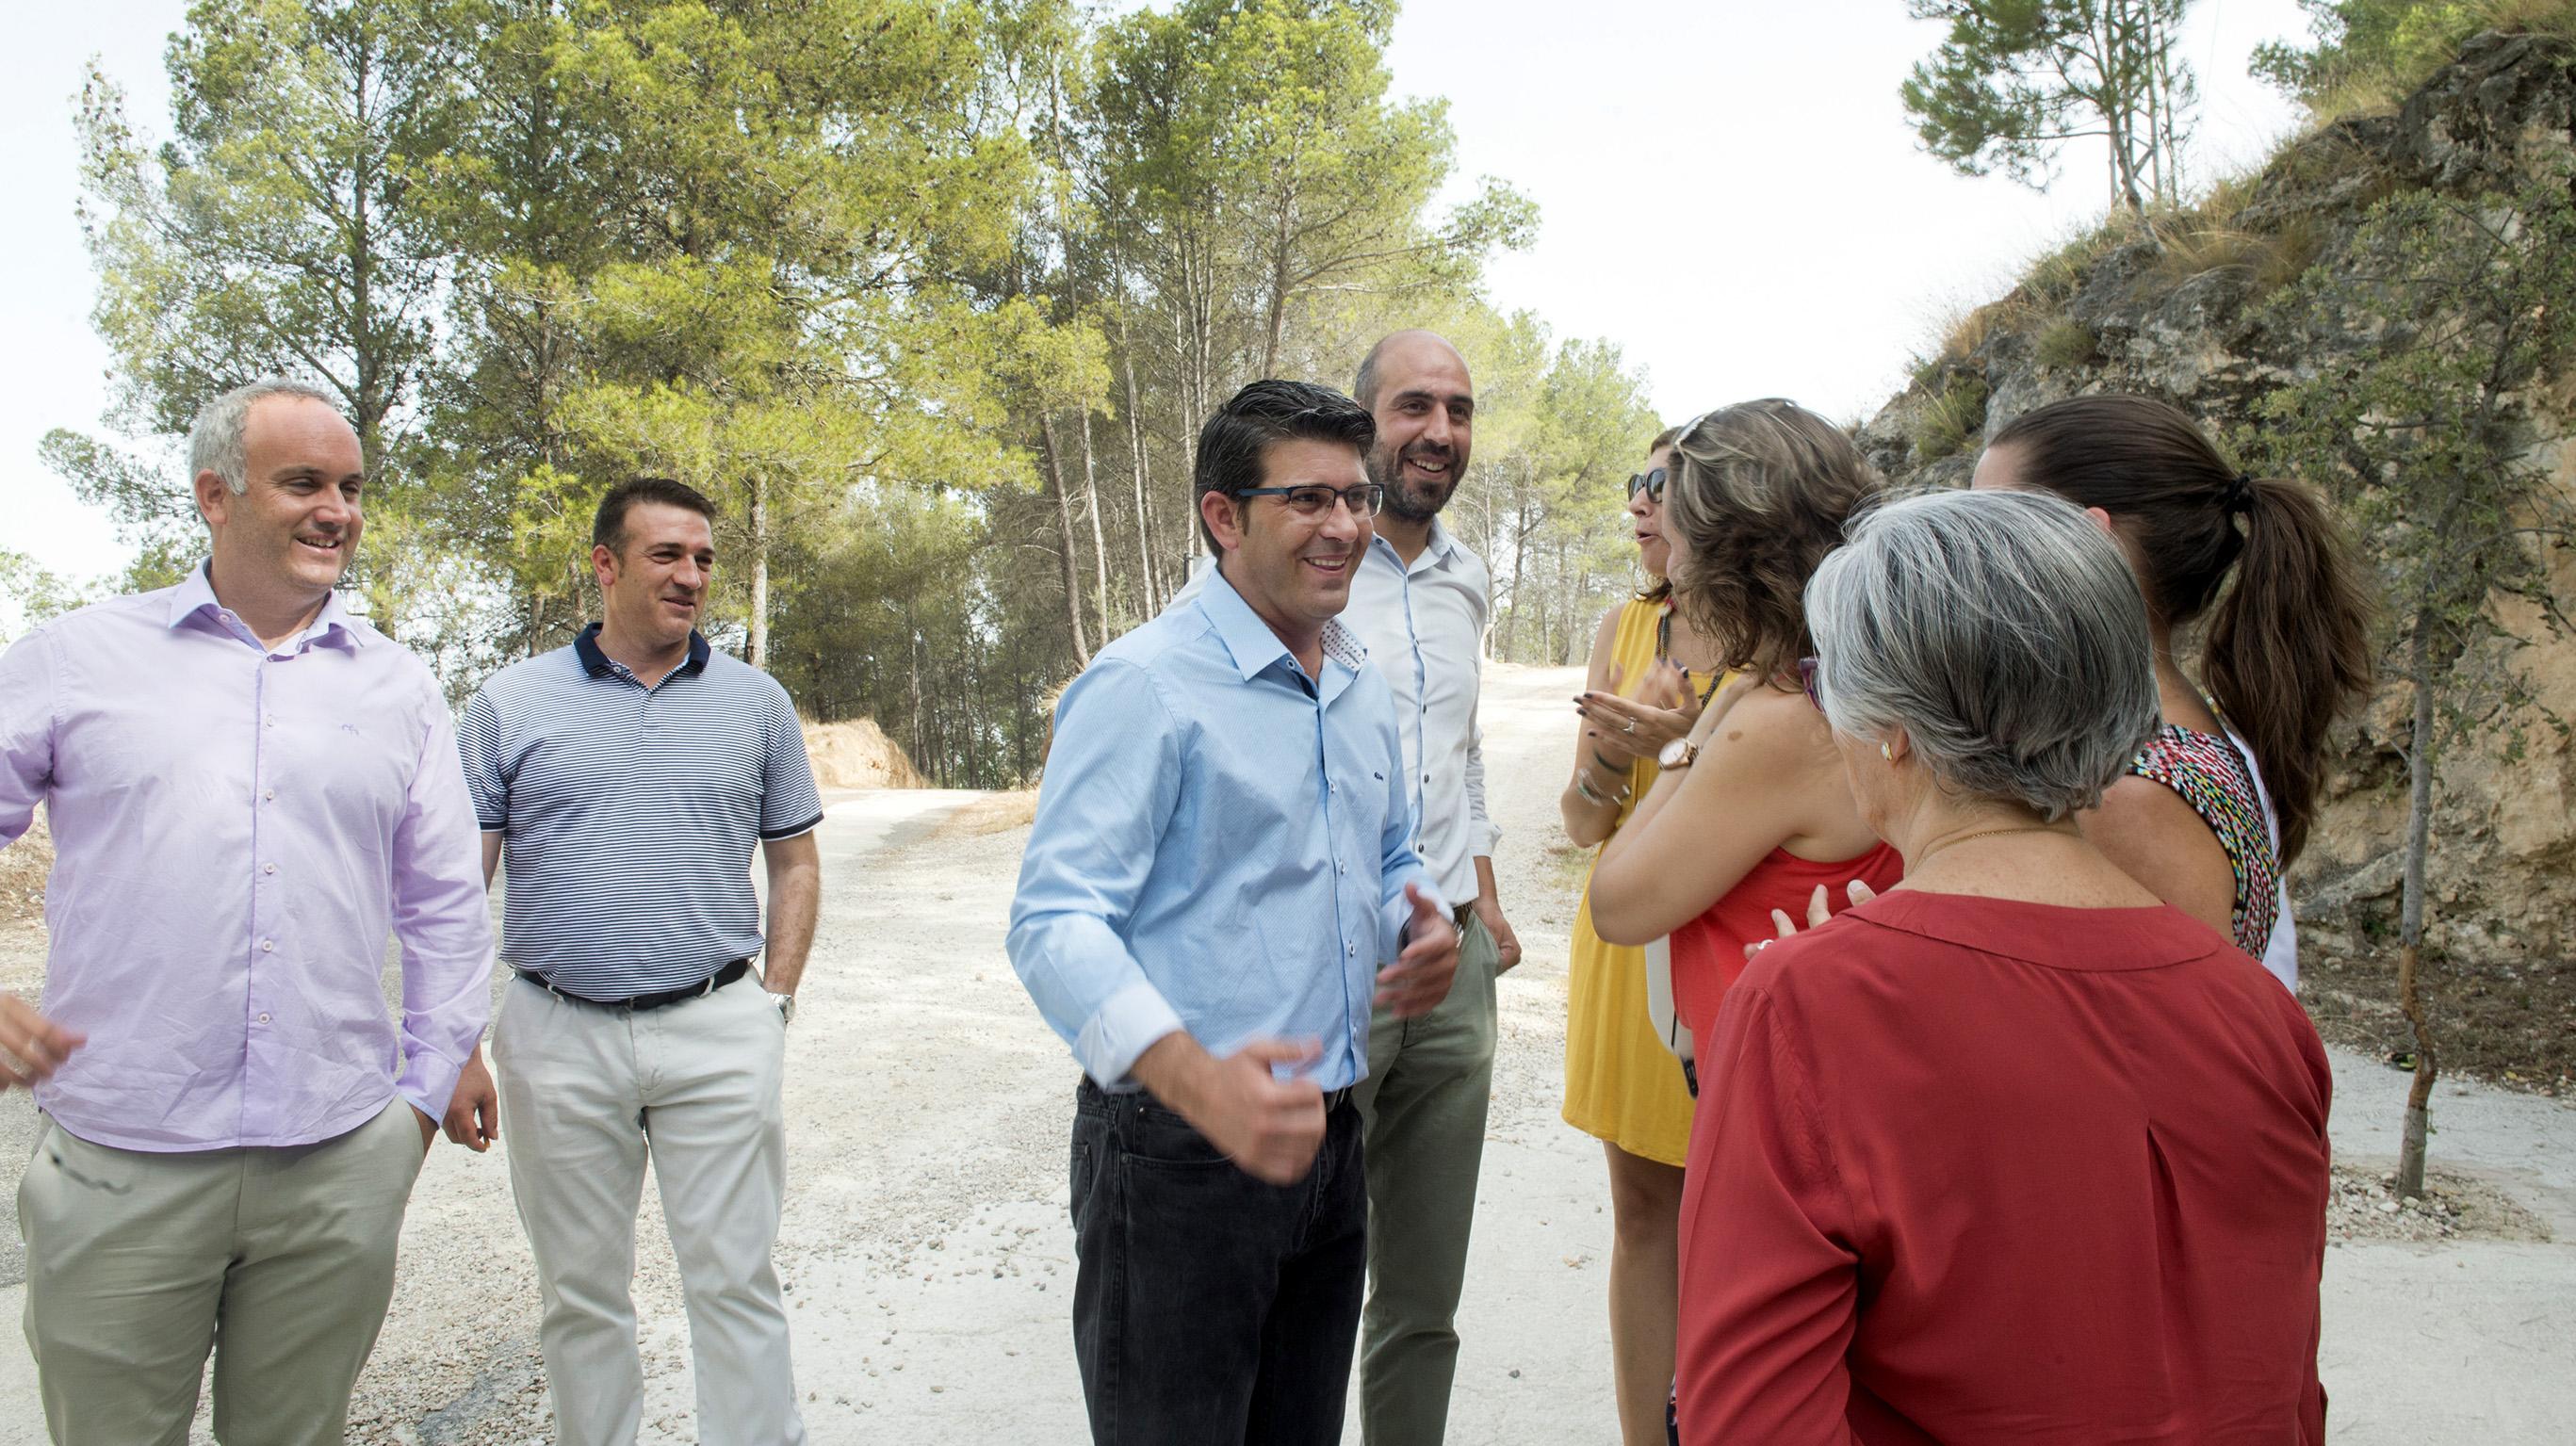 El presidente de la Diputación, Jorge Rodríguez, y el Diputado deCarreteras, Pablo Seguí, en Enguera.